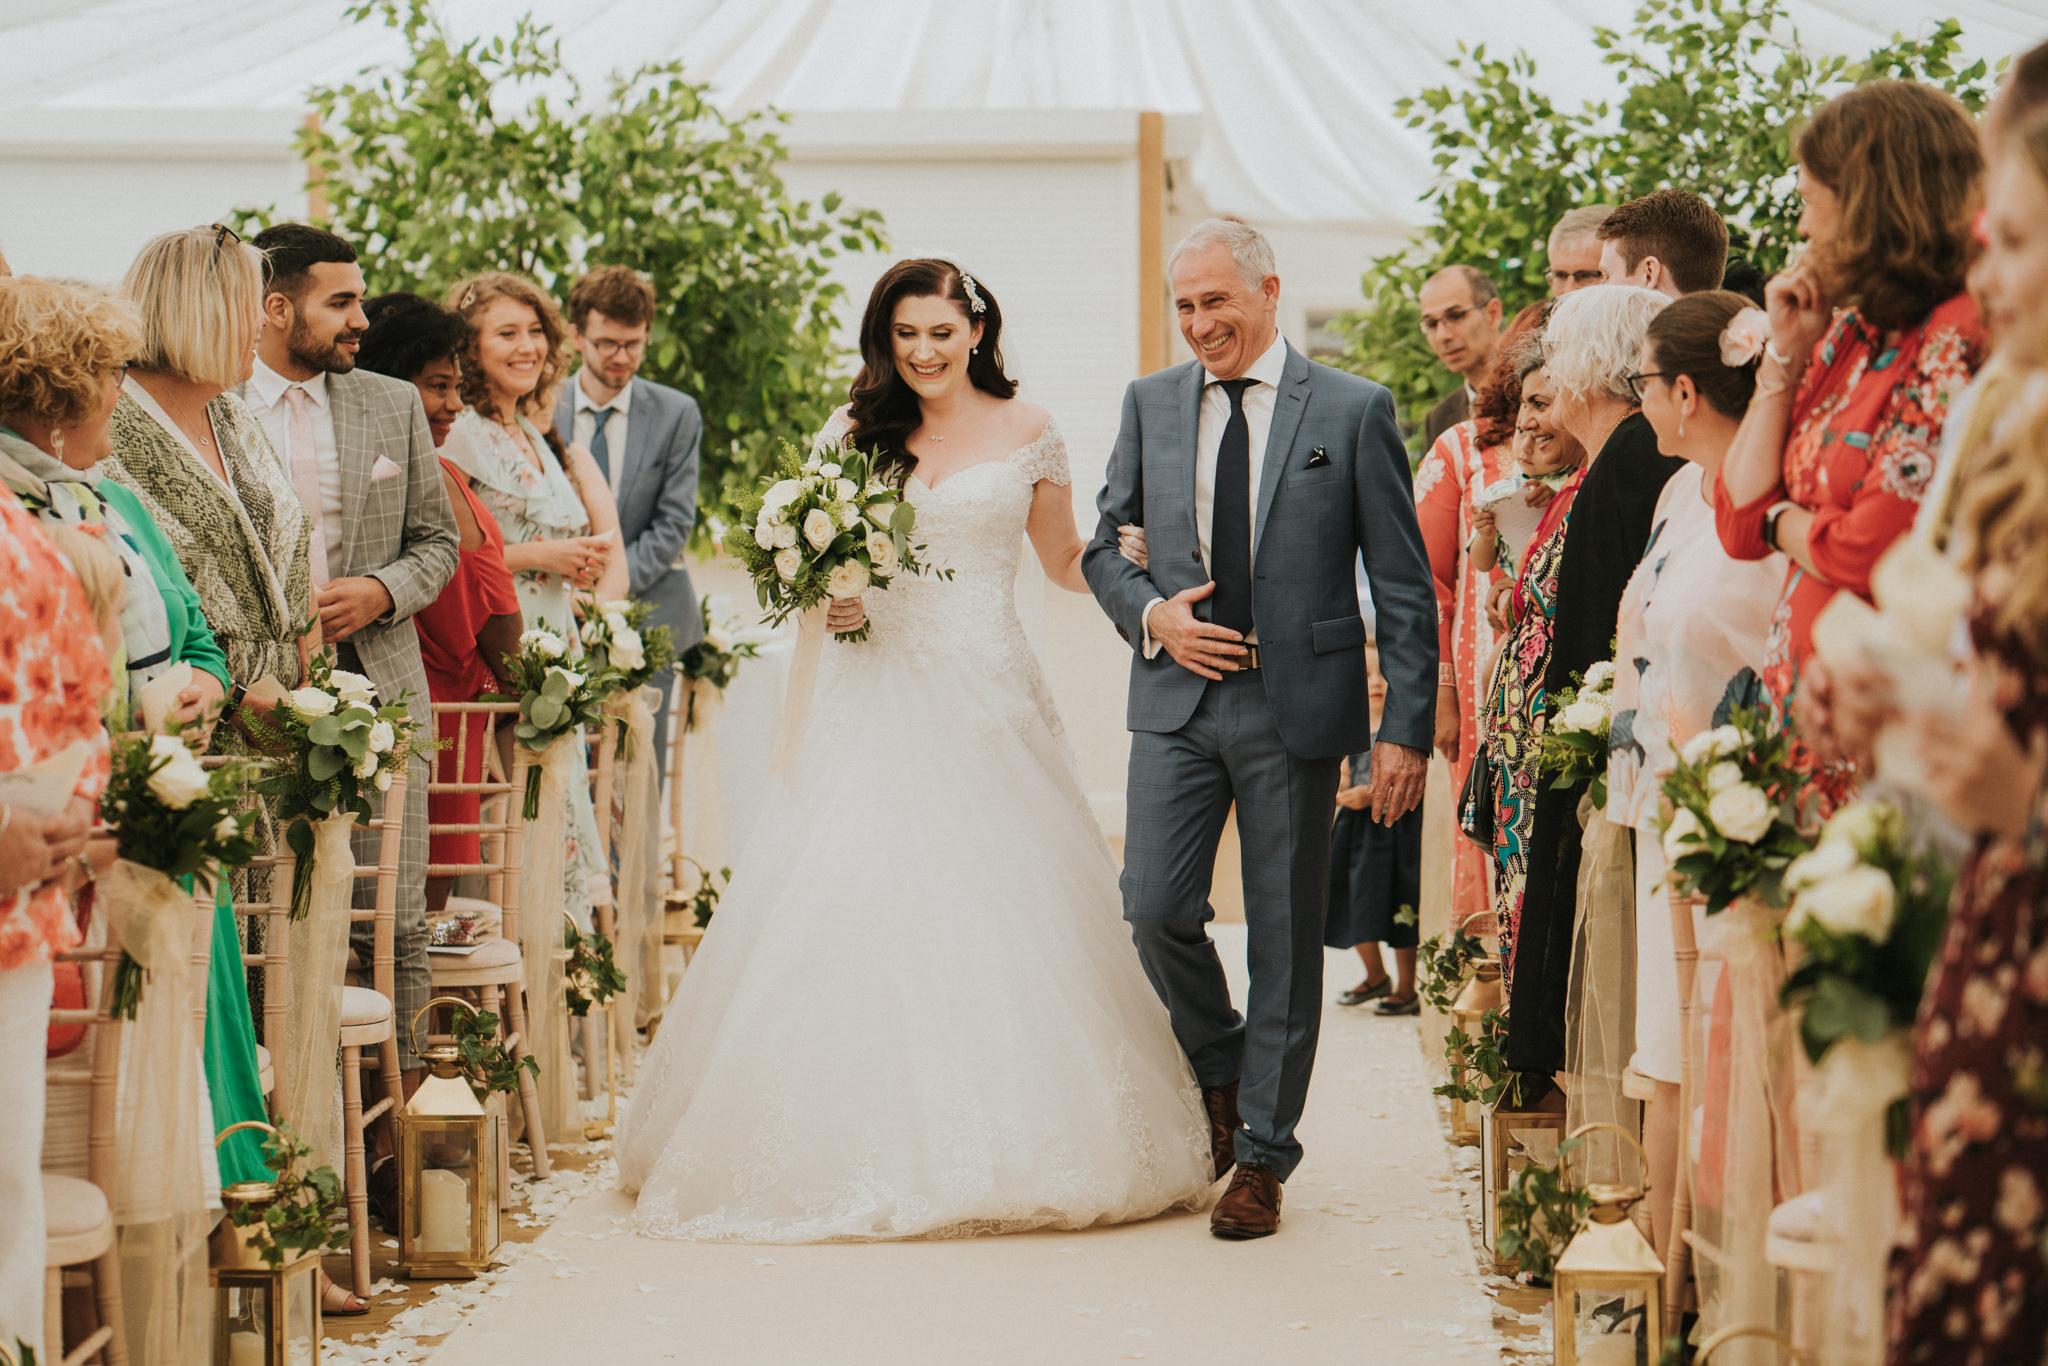 lizzie-faz-fennes-asian-fusion-wedding-grace-elizabeth-colchester-essex-alternative-wedding-lifestyle-photographer-essex-suffolk-norfolk-devon (24 of 55).jpg